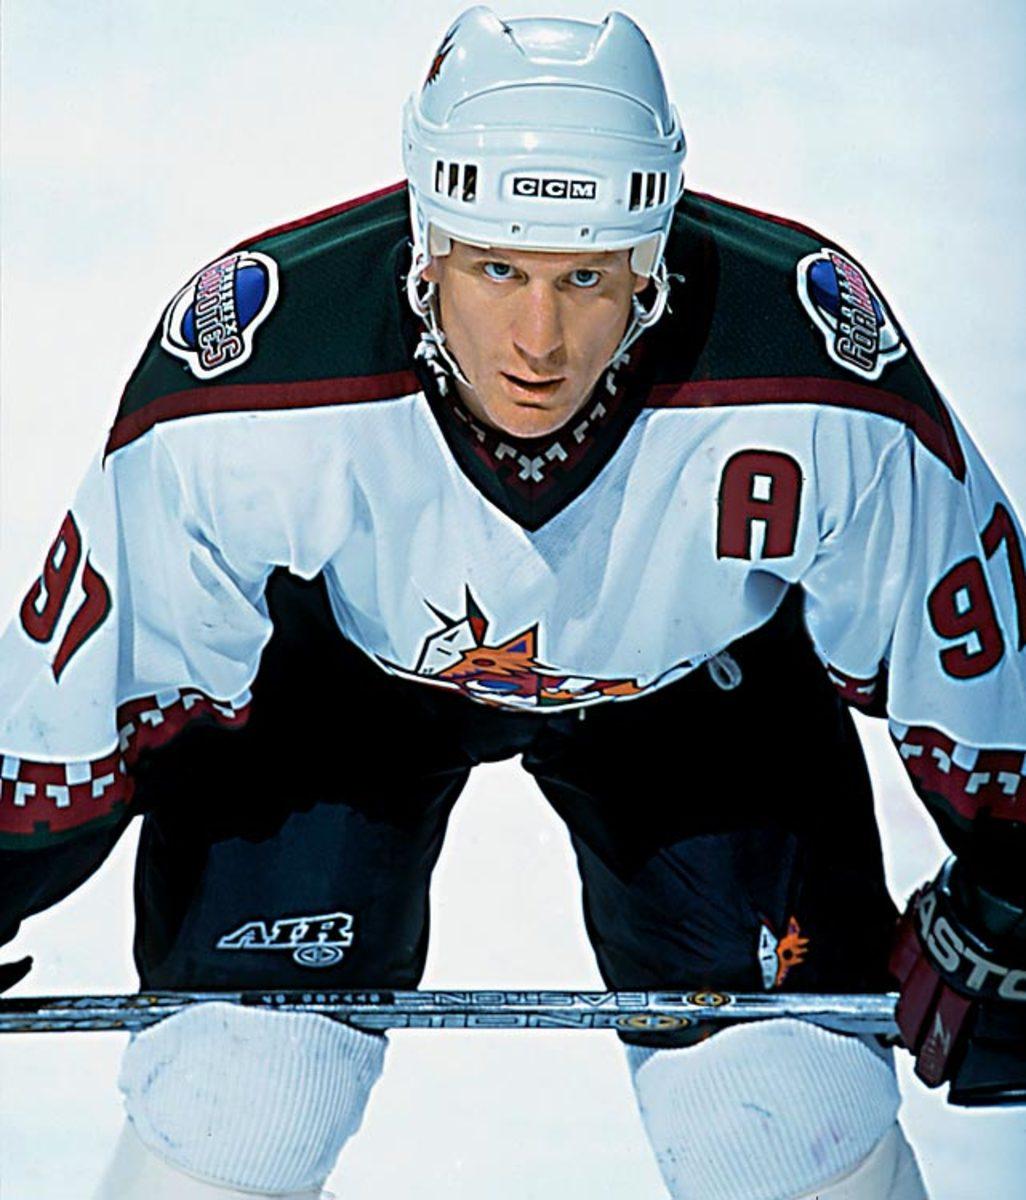 97 - Jeremy Roenick